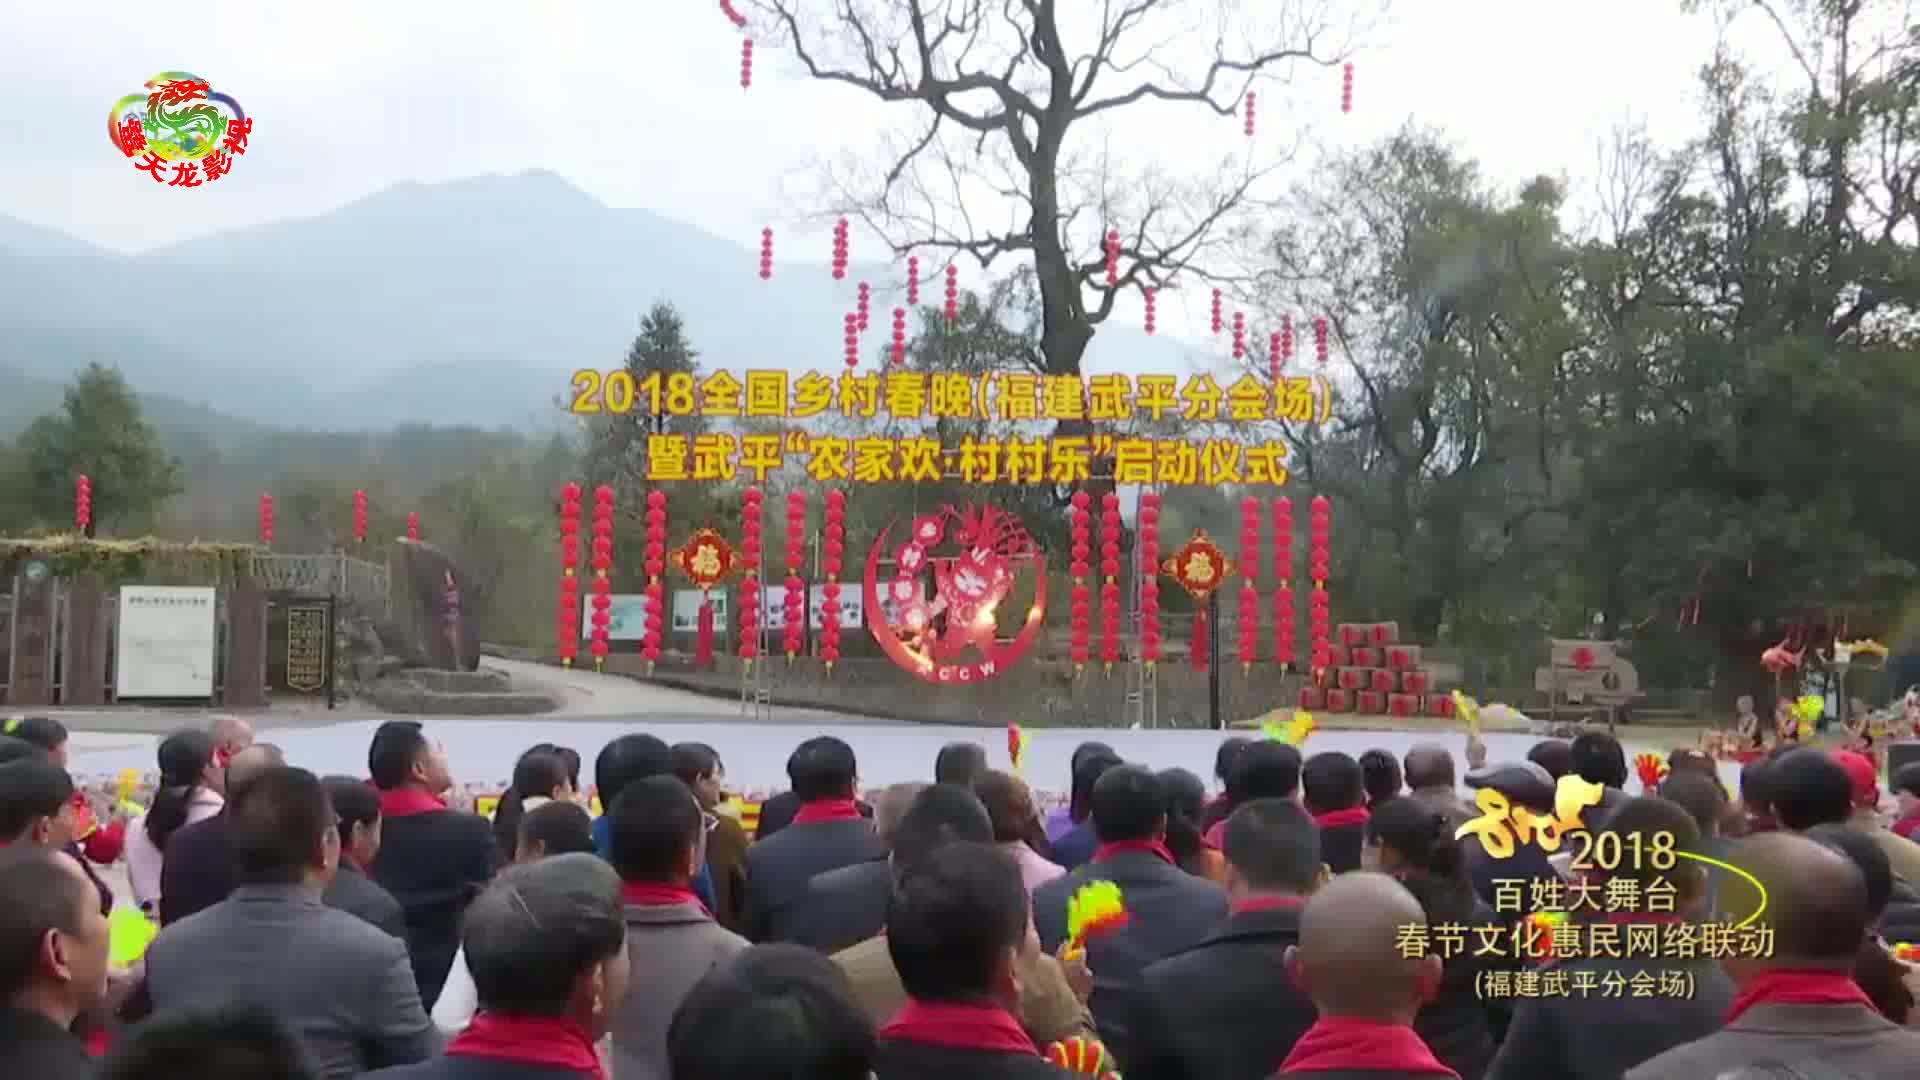 #新年套路#2018百姓大舞台春节文化惠民网络联动《骏马飞舞客家欢》